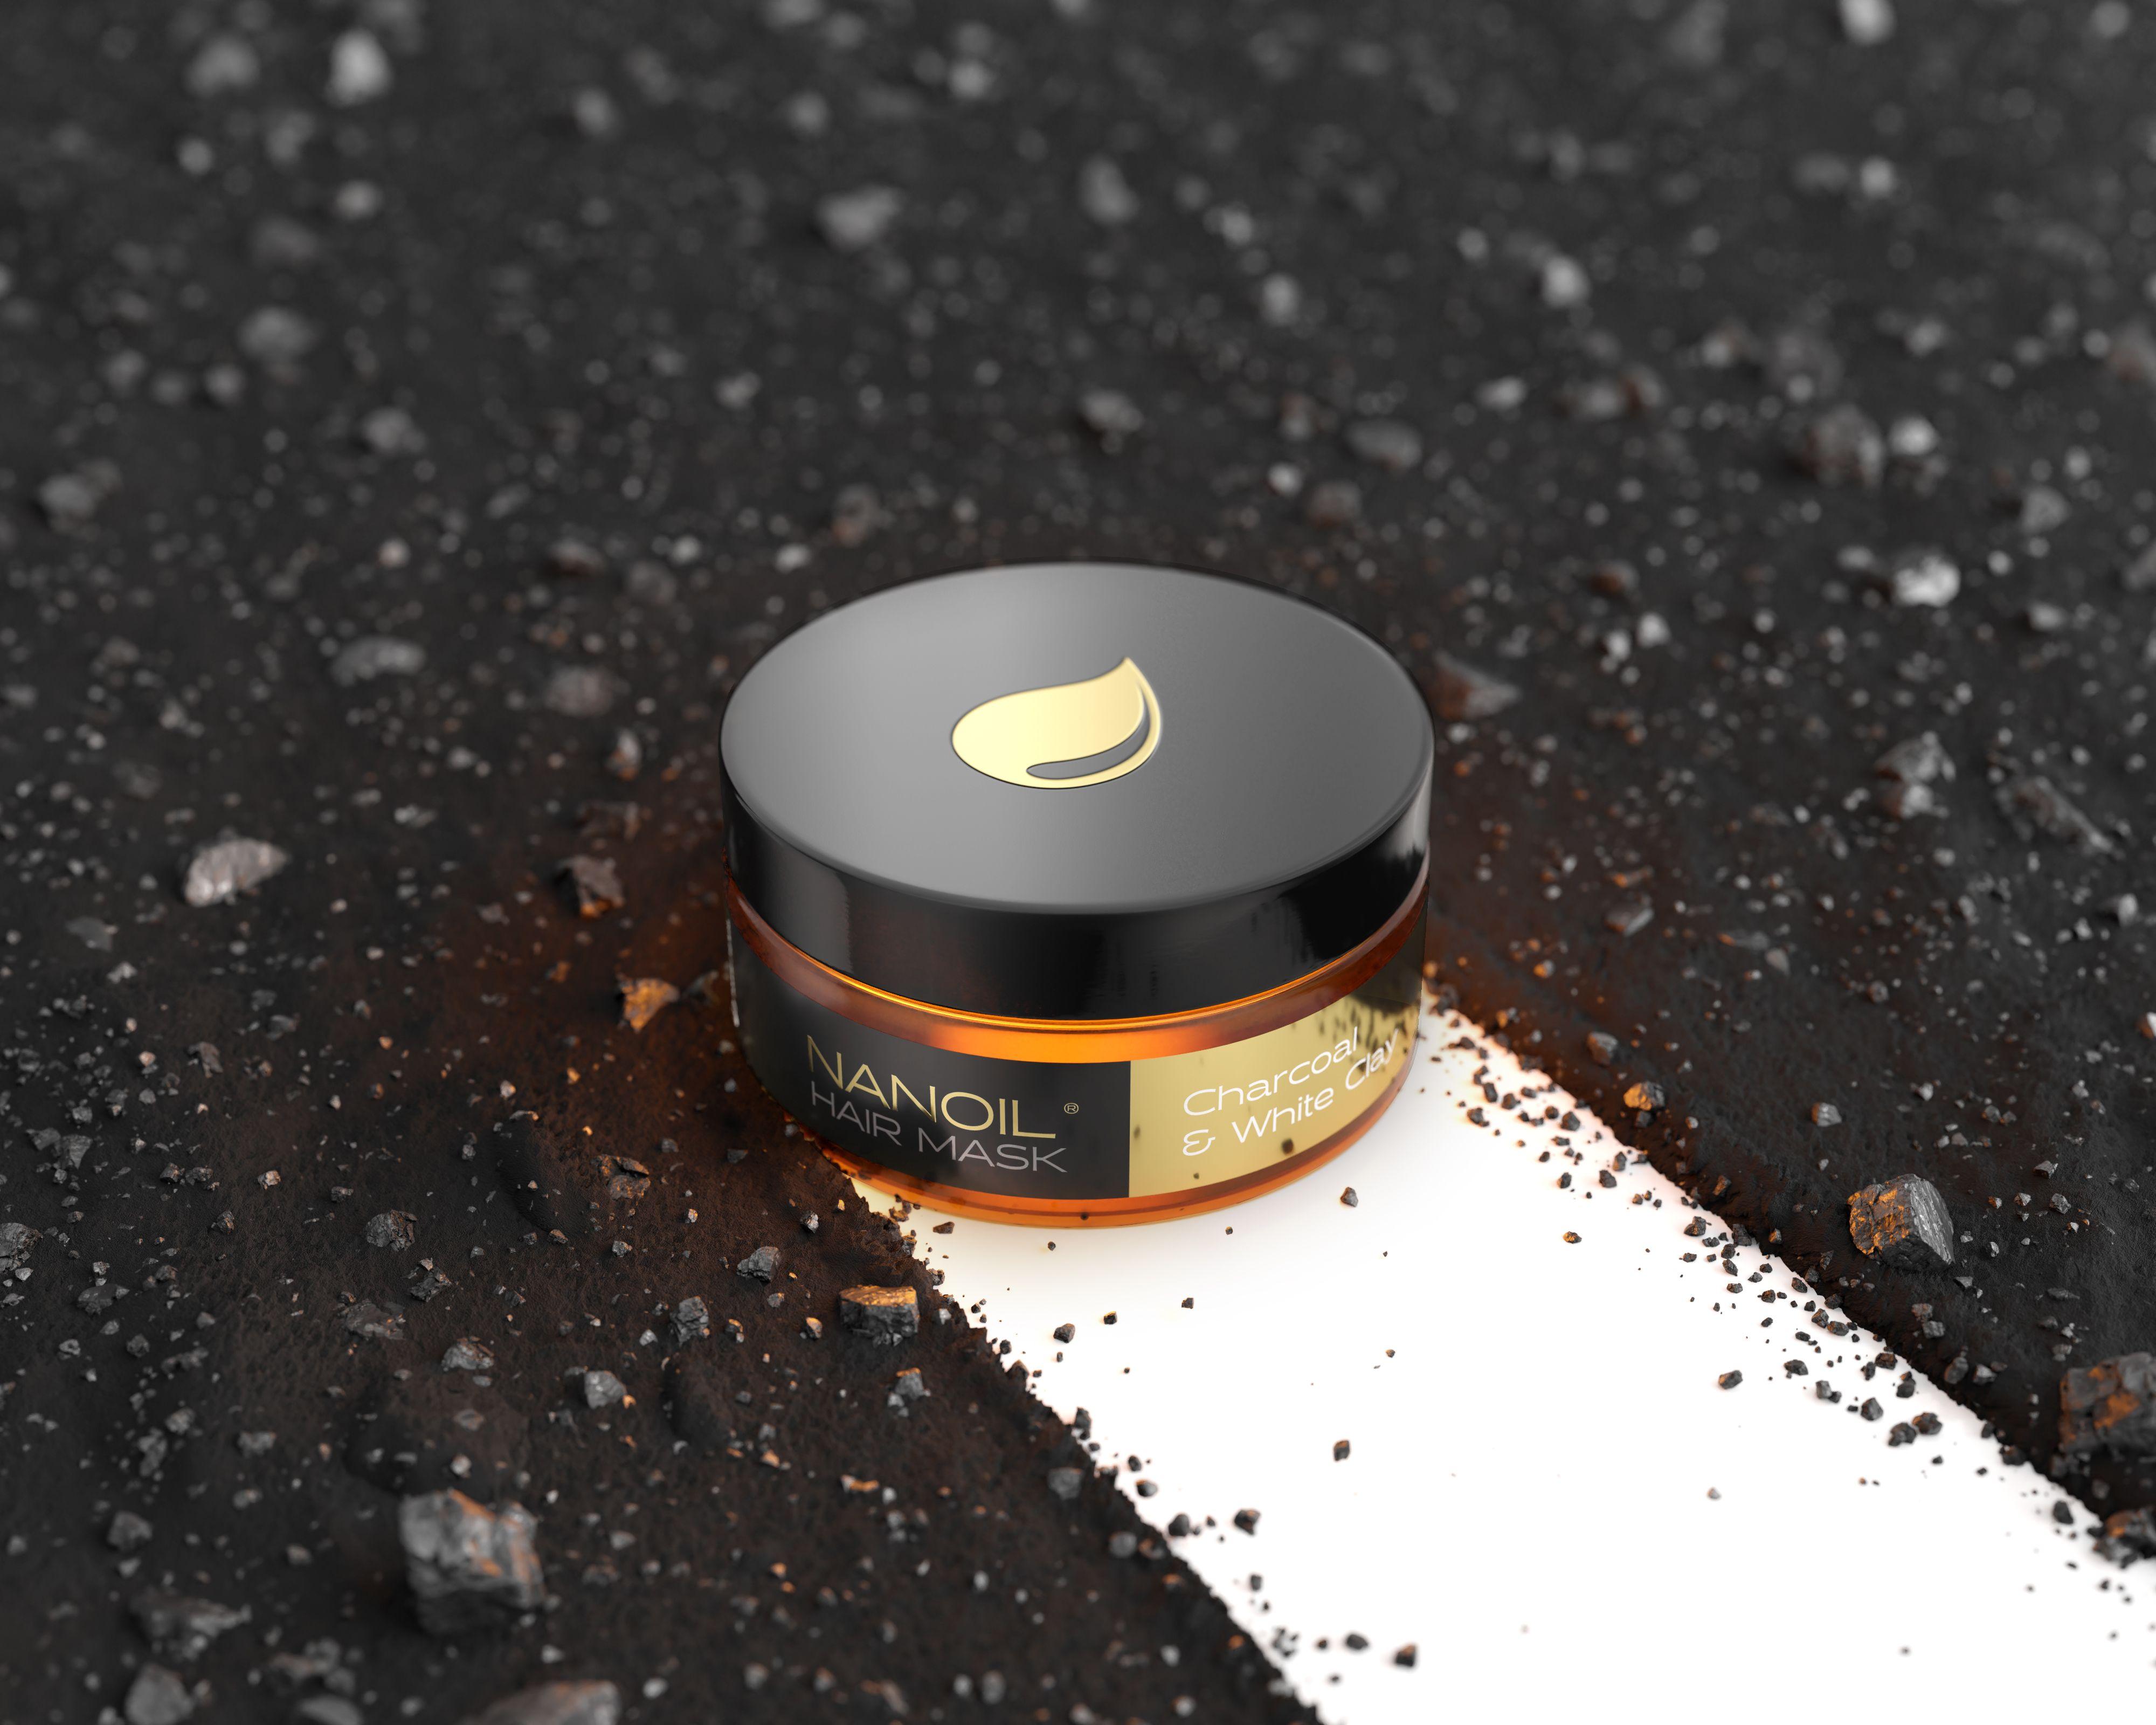 Nanoil Charcoal & White Clay Hair Mask – recenzja doskonałej maski do włosów. Co za efekt!